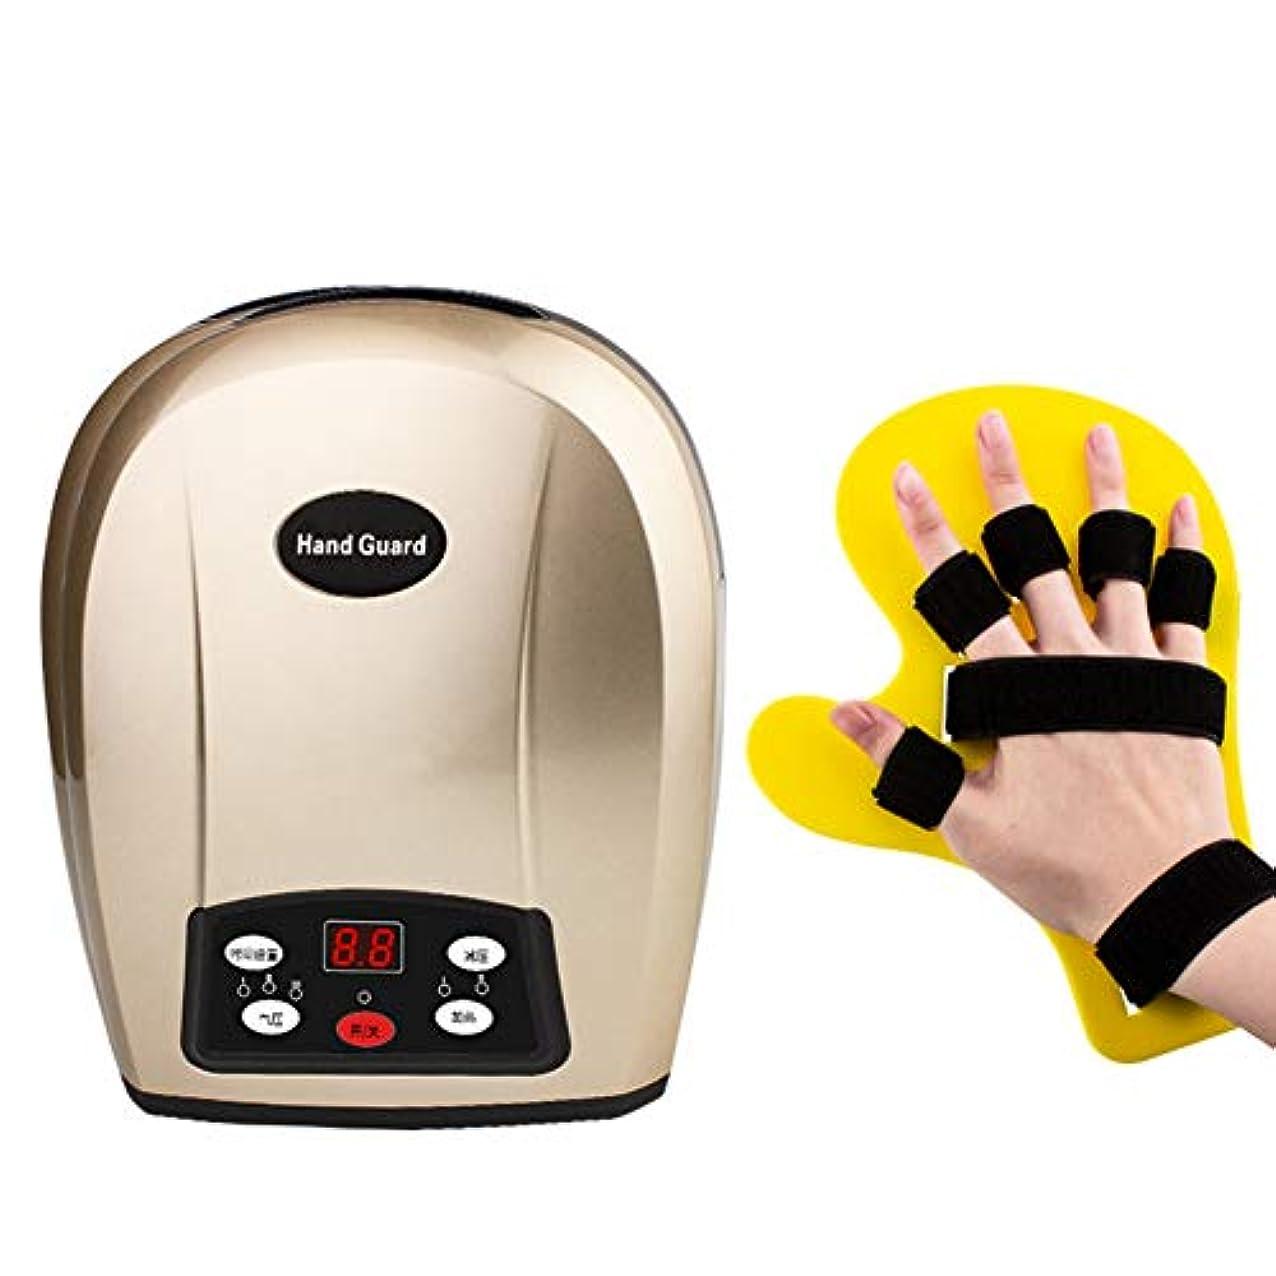 エリートオズワルドまろやかな関節炎の鎮痛、調節可能な圧力とタイマーのための混練と熱療法を備えた電動ハンドマッサージ器,MassagerAndFingerSeparator